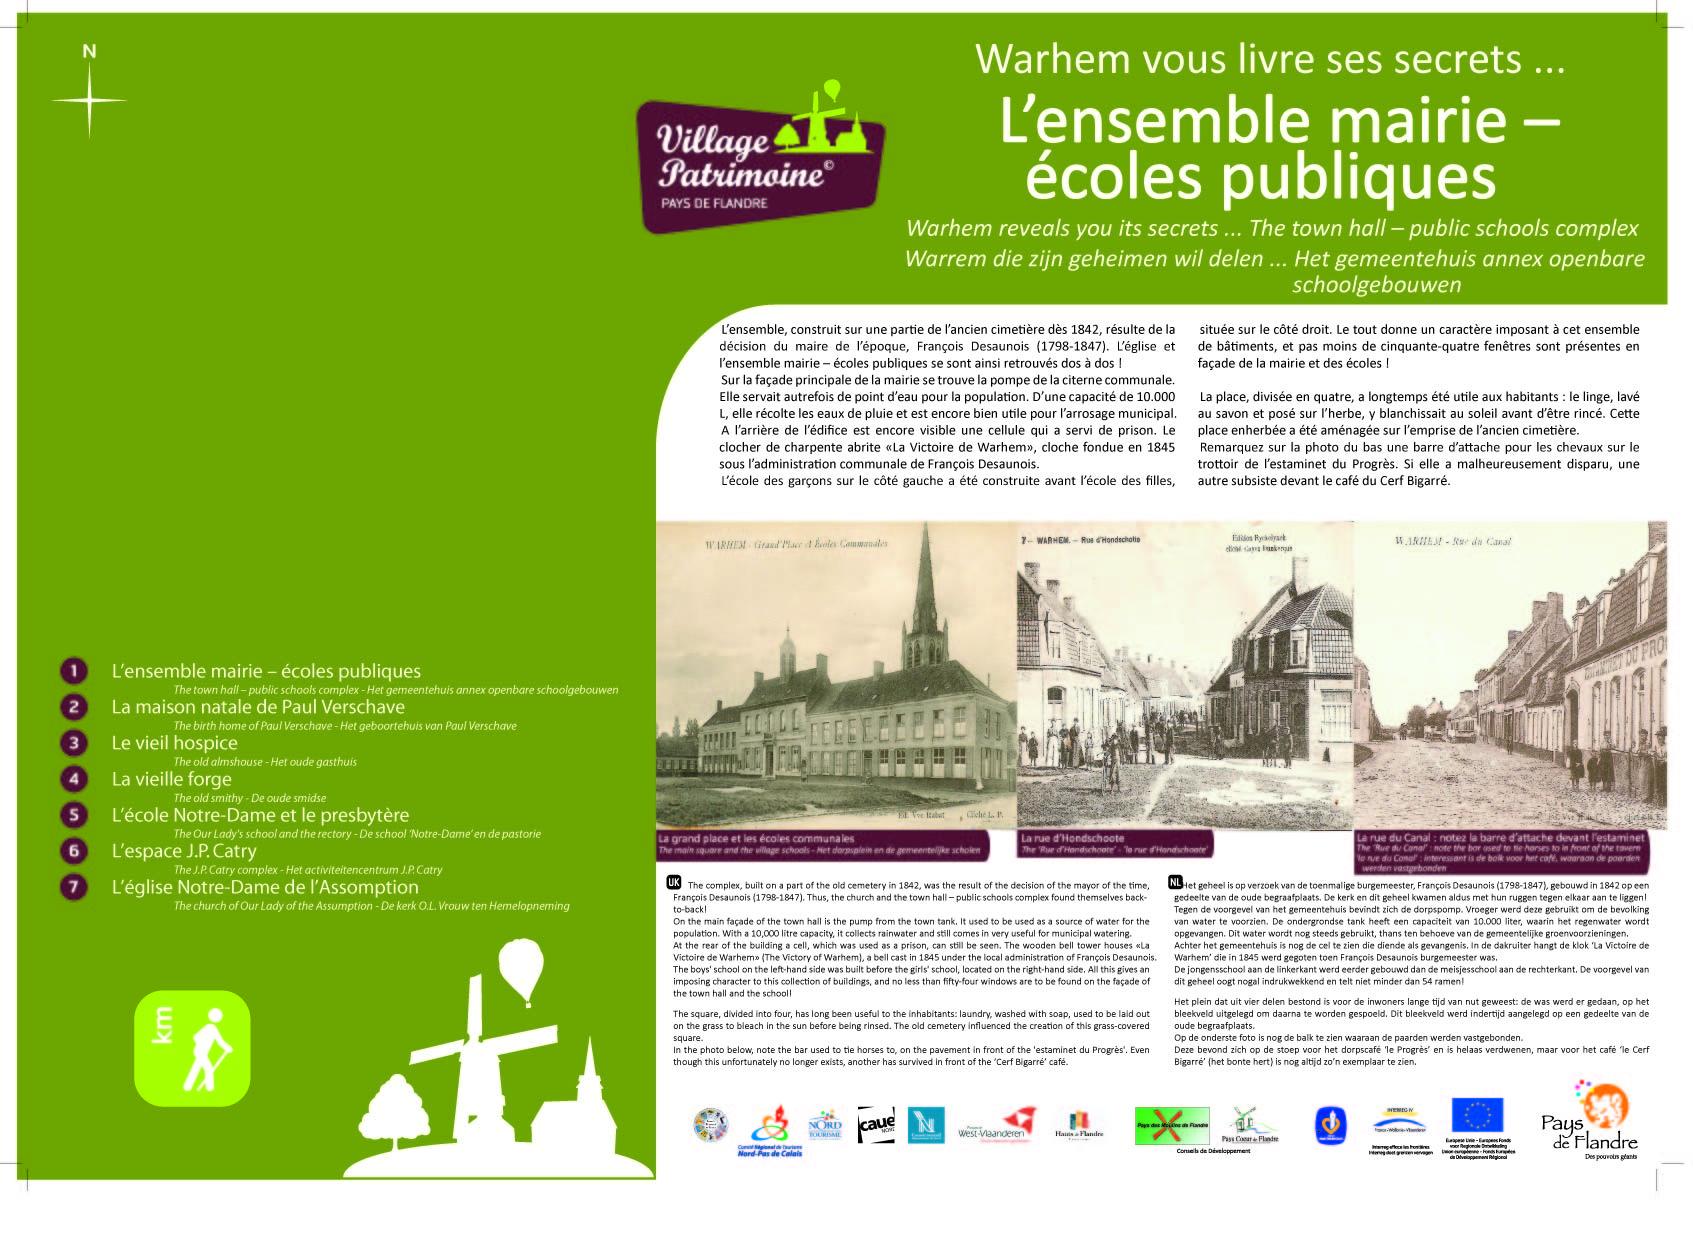 VP1_Mairie_Ecole_publique.jpg